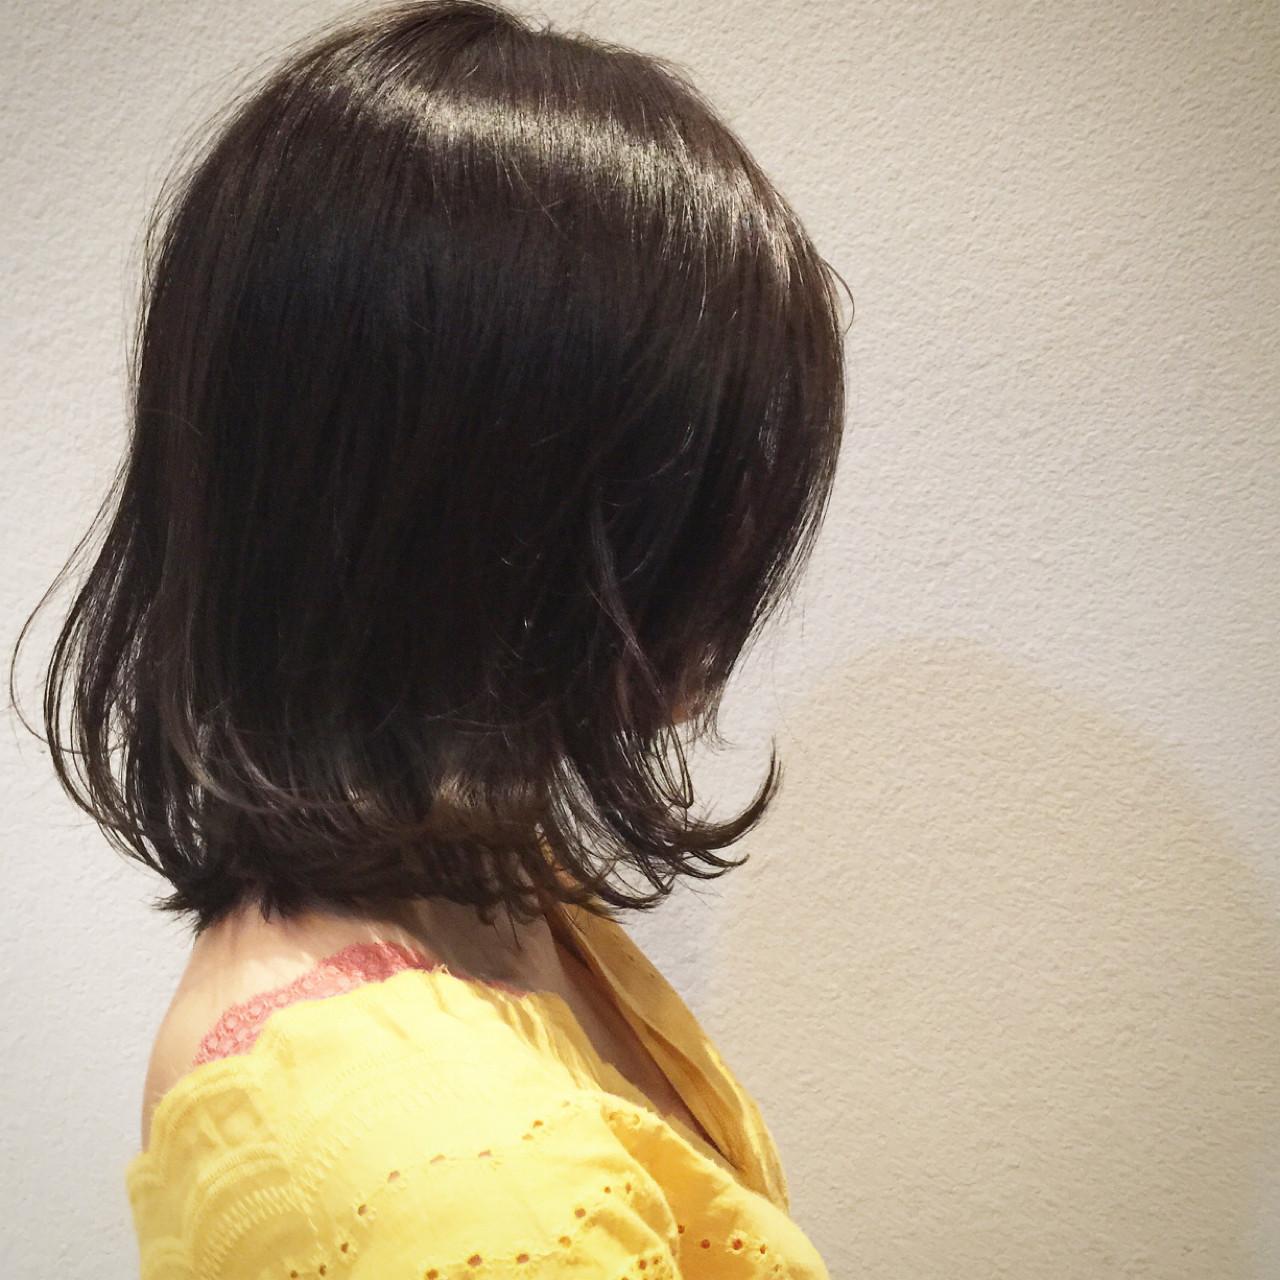 雨の日 リラックス 抜け感 ヘアアレンジ ヘアスタイルや髪型の写真・画像